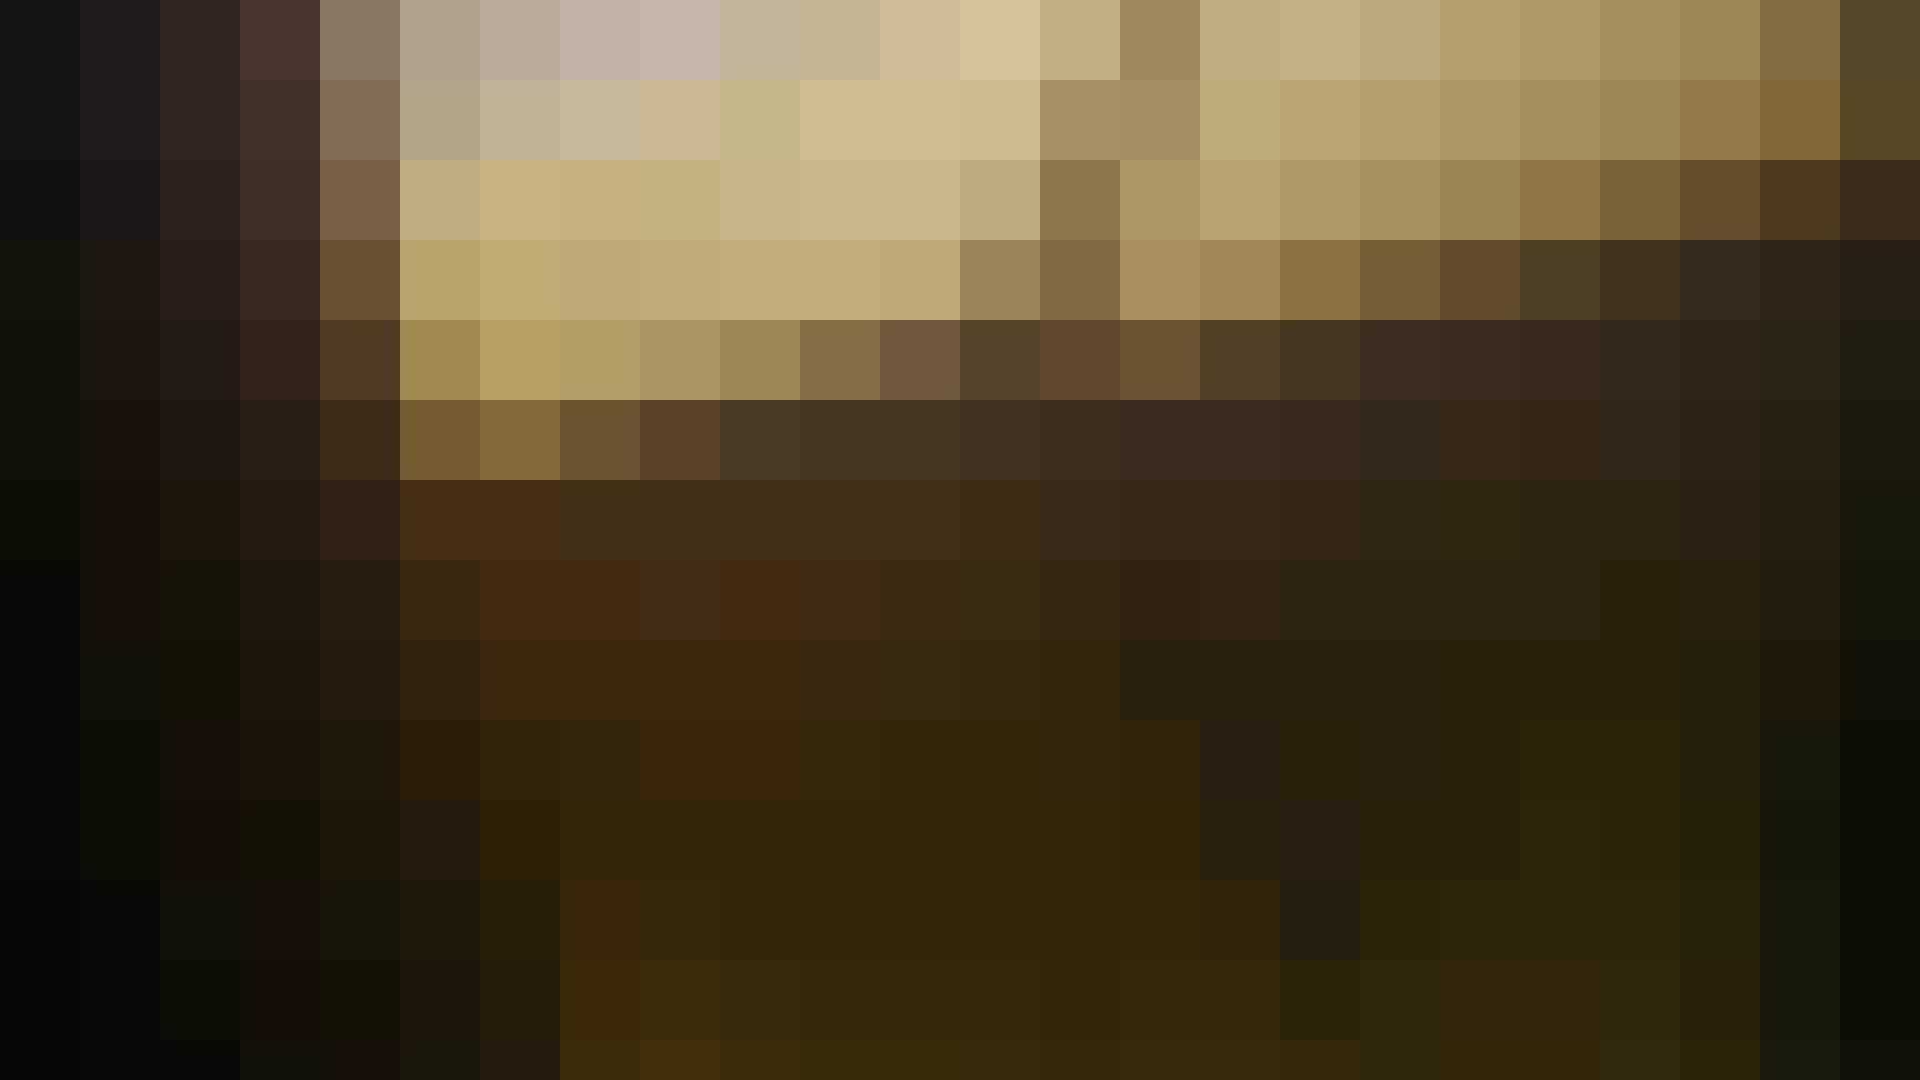 阿国ちゃんの「和式洋式七変化」No.17 洗面所   丸見えマンコ  95画像 15